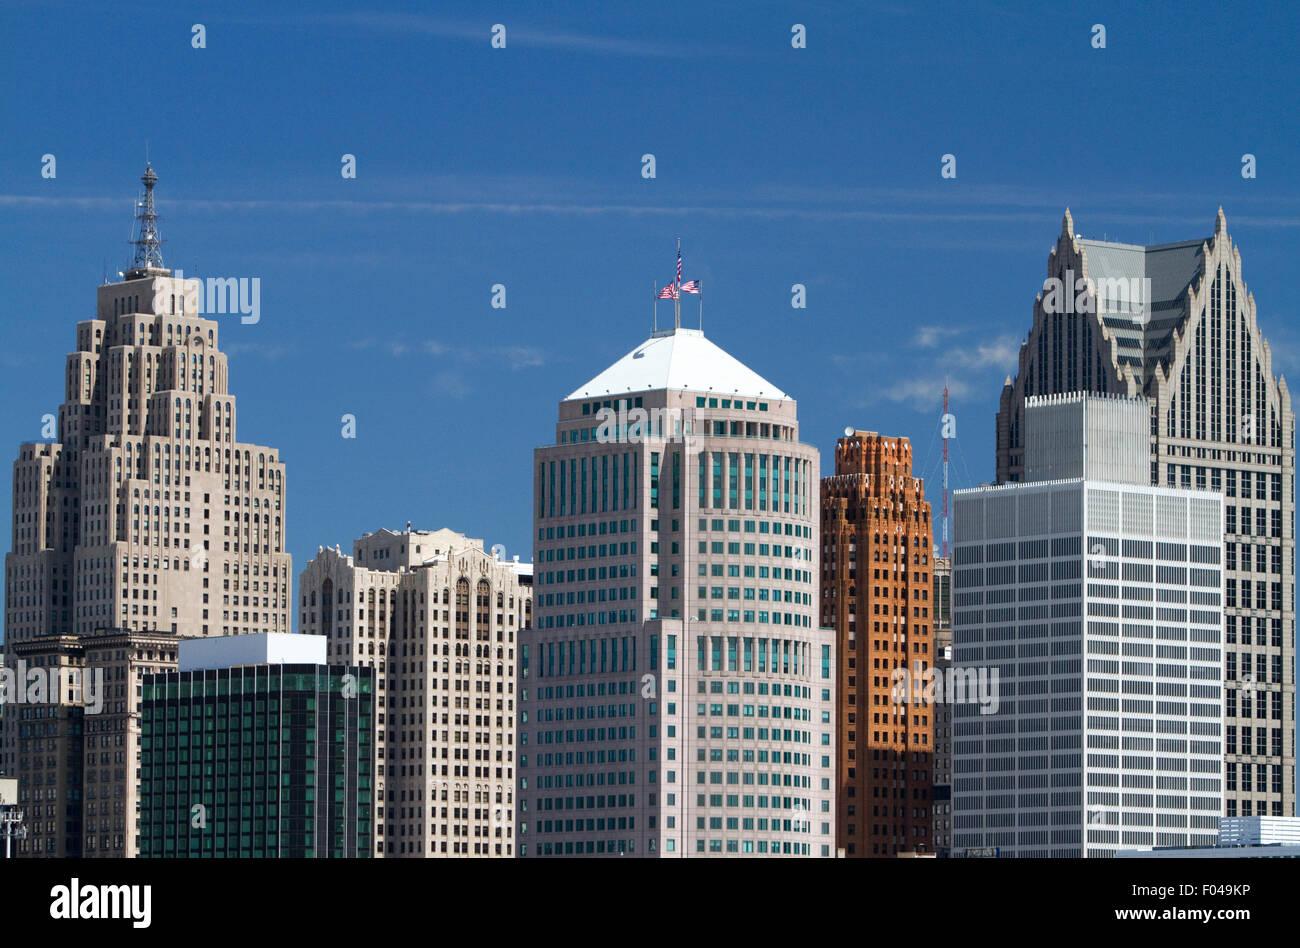 Detroit International Riverfront, Michigan, USA. - Stock Image